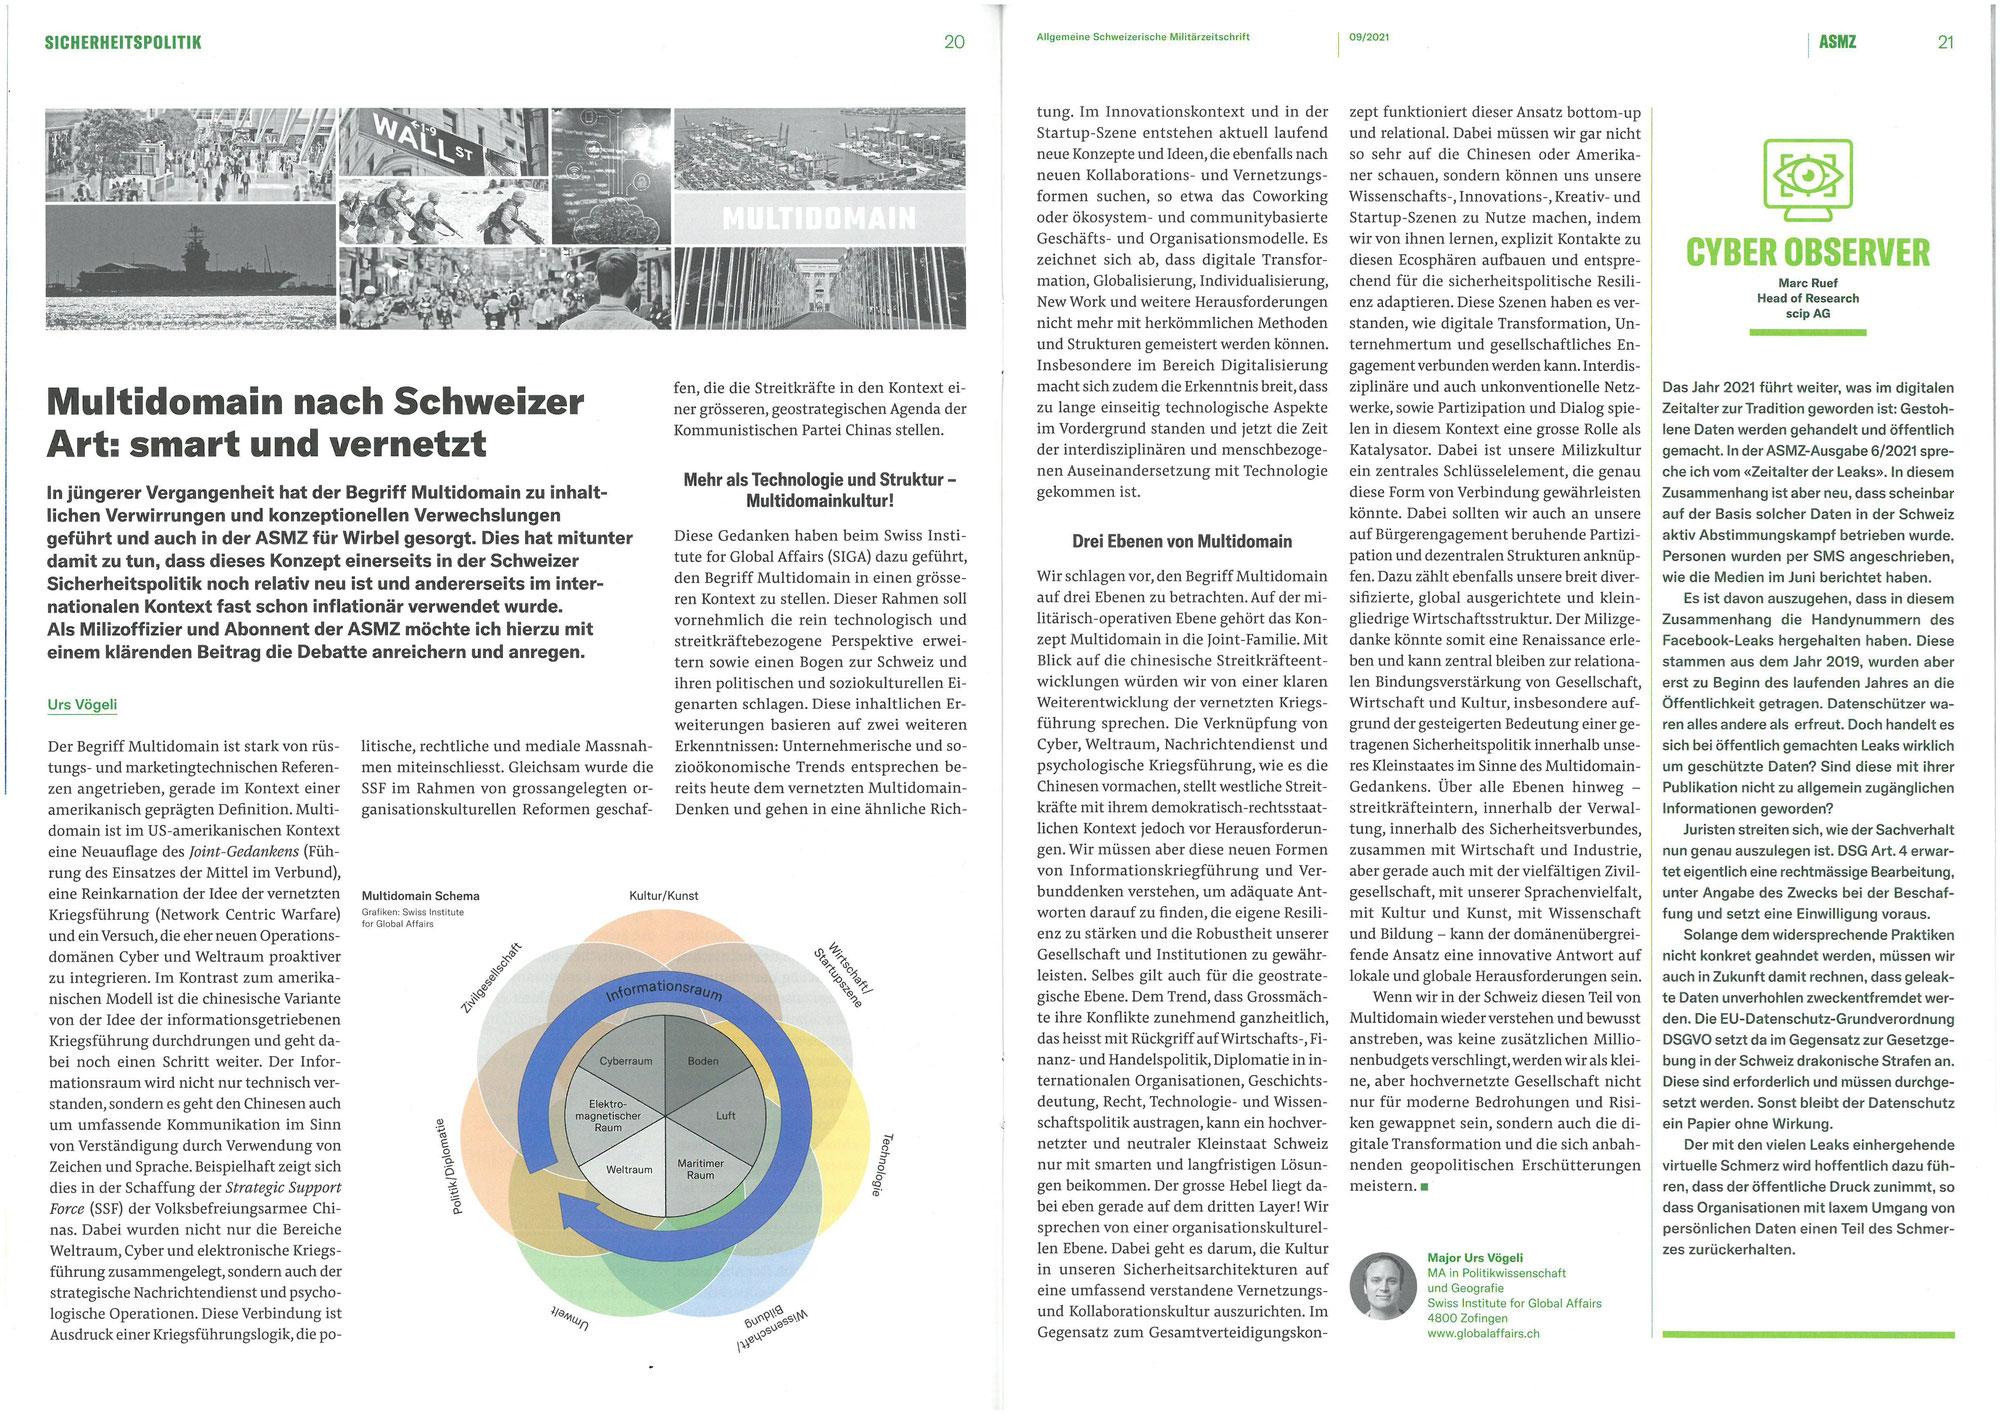 Multidomain nach Schweizer Art: smart und vernetzt